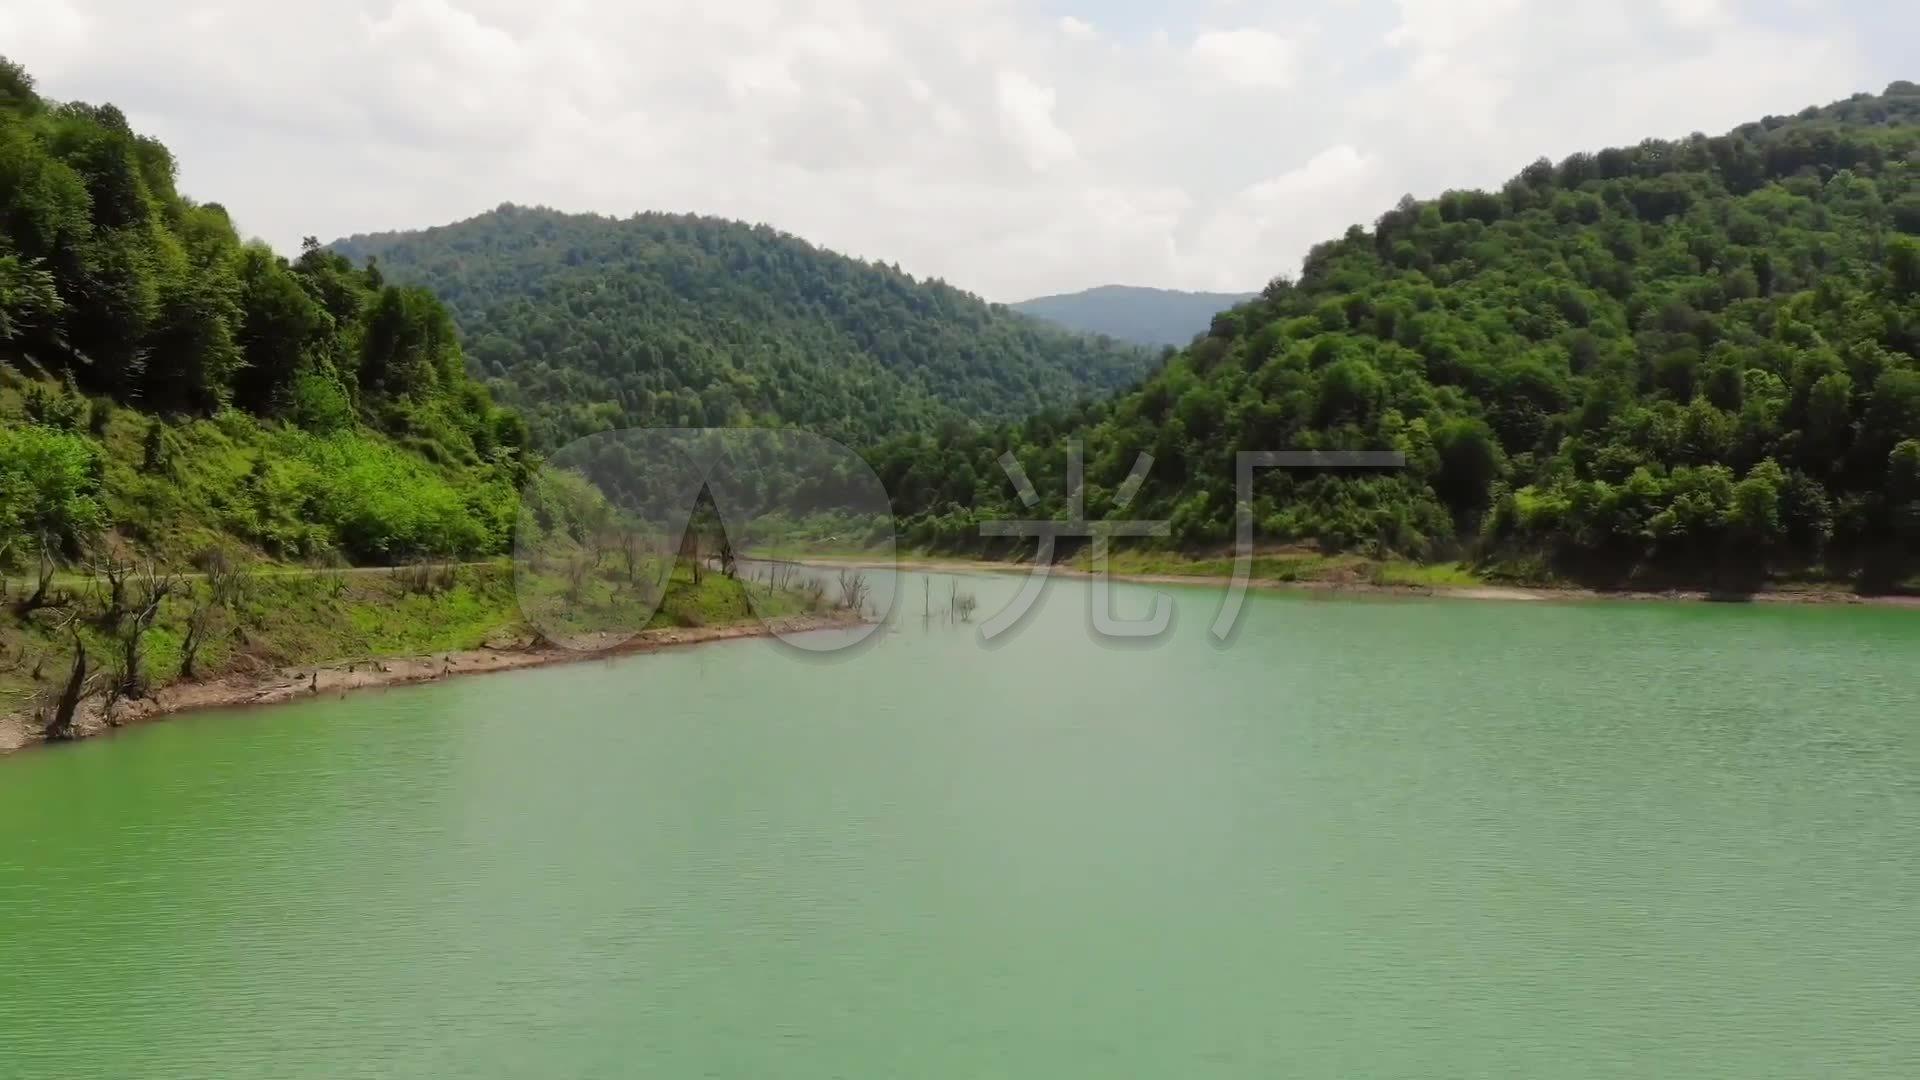 河邊露營山下河流風景_1920x1080_高清視頻素材下載